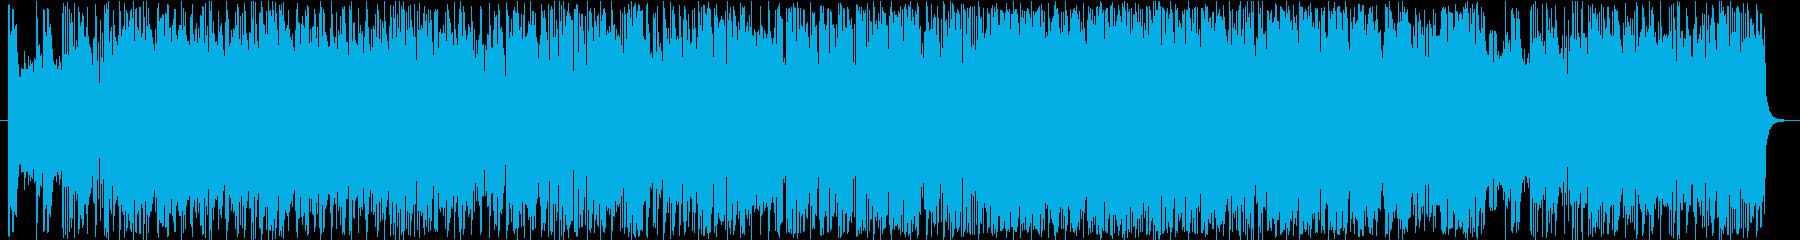 ルーズで軽快なサックスのロックの再生済みの波形